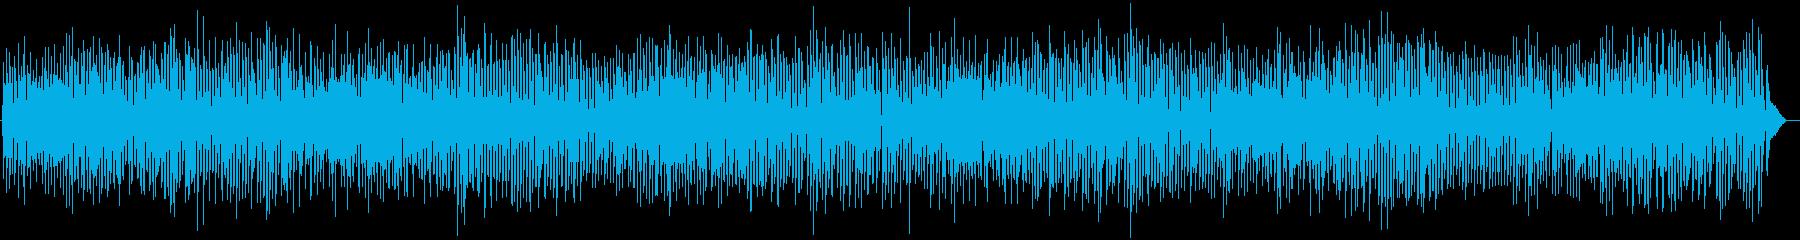 ズンチャズンチャ哀愁感ジャズピアノアコギの再生済みの波形